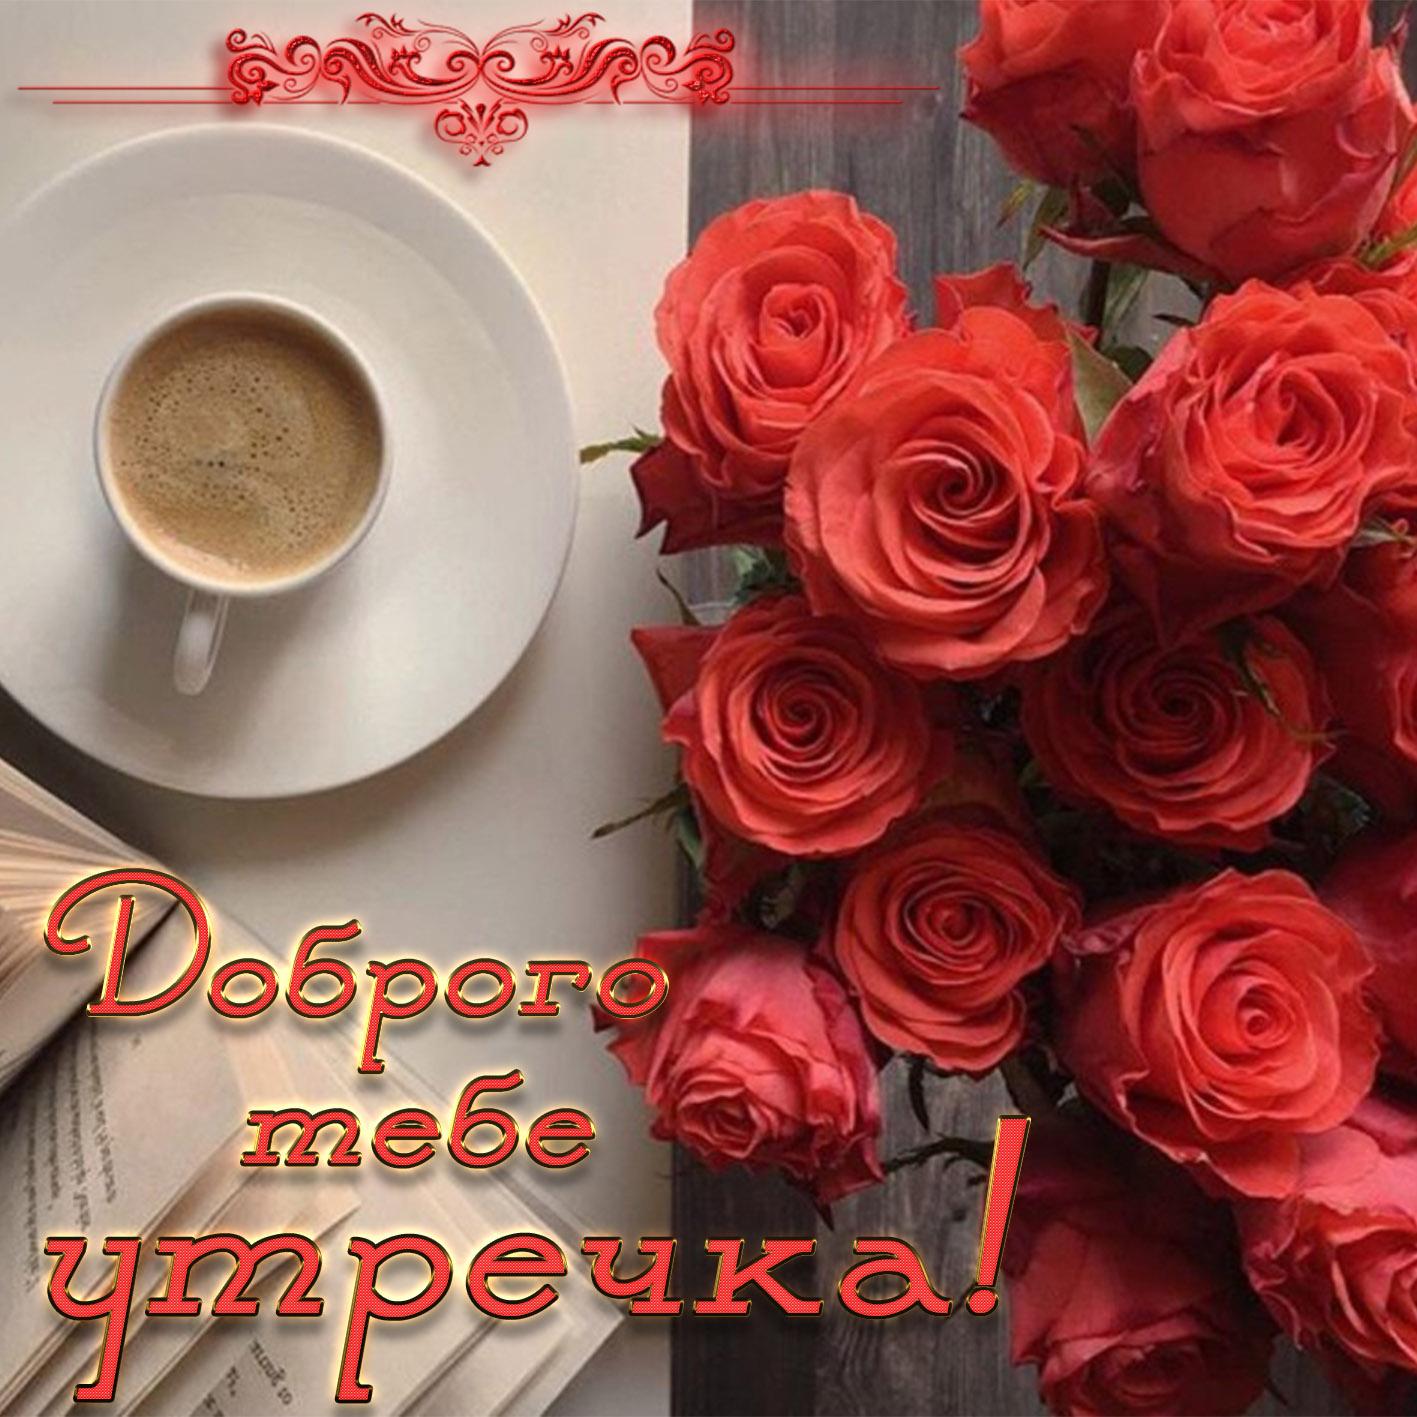 Красивые картинки с пожеланием доброго утра с цветами